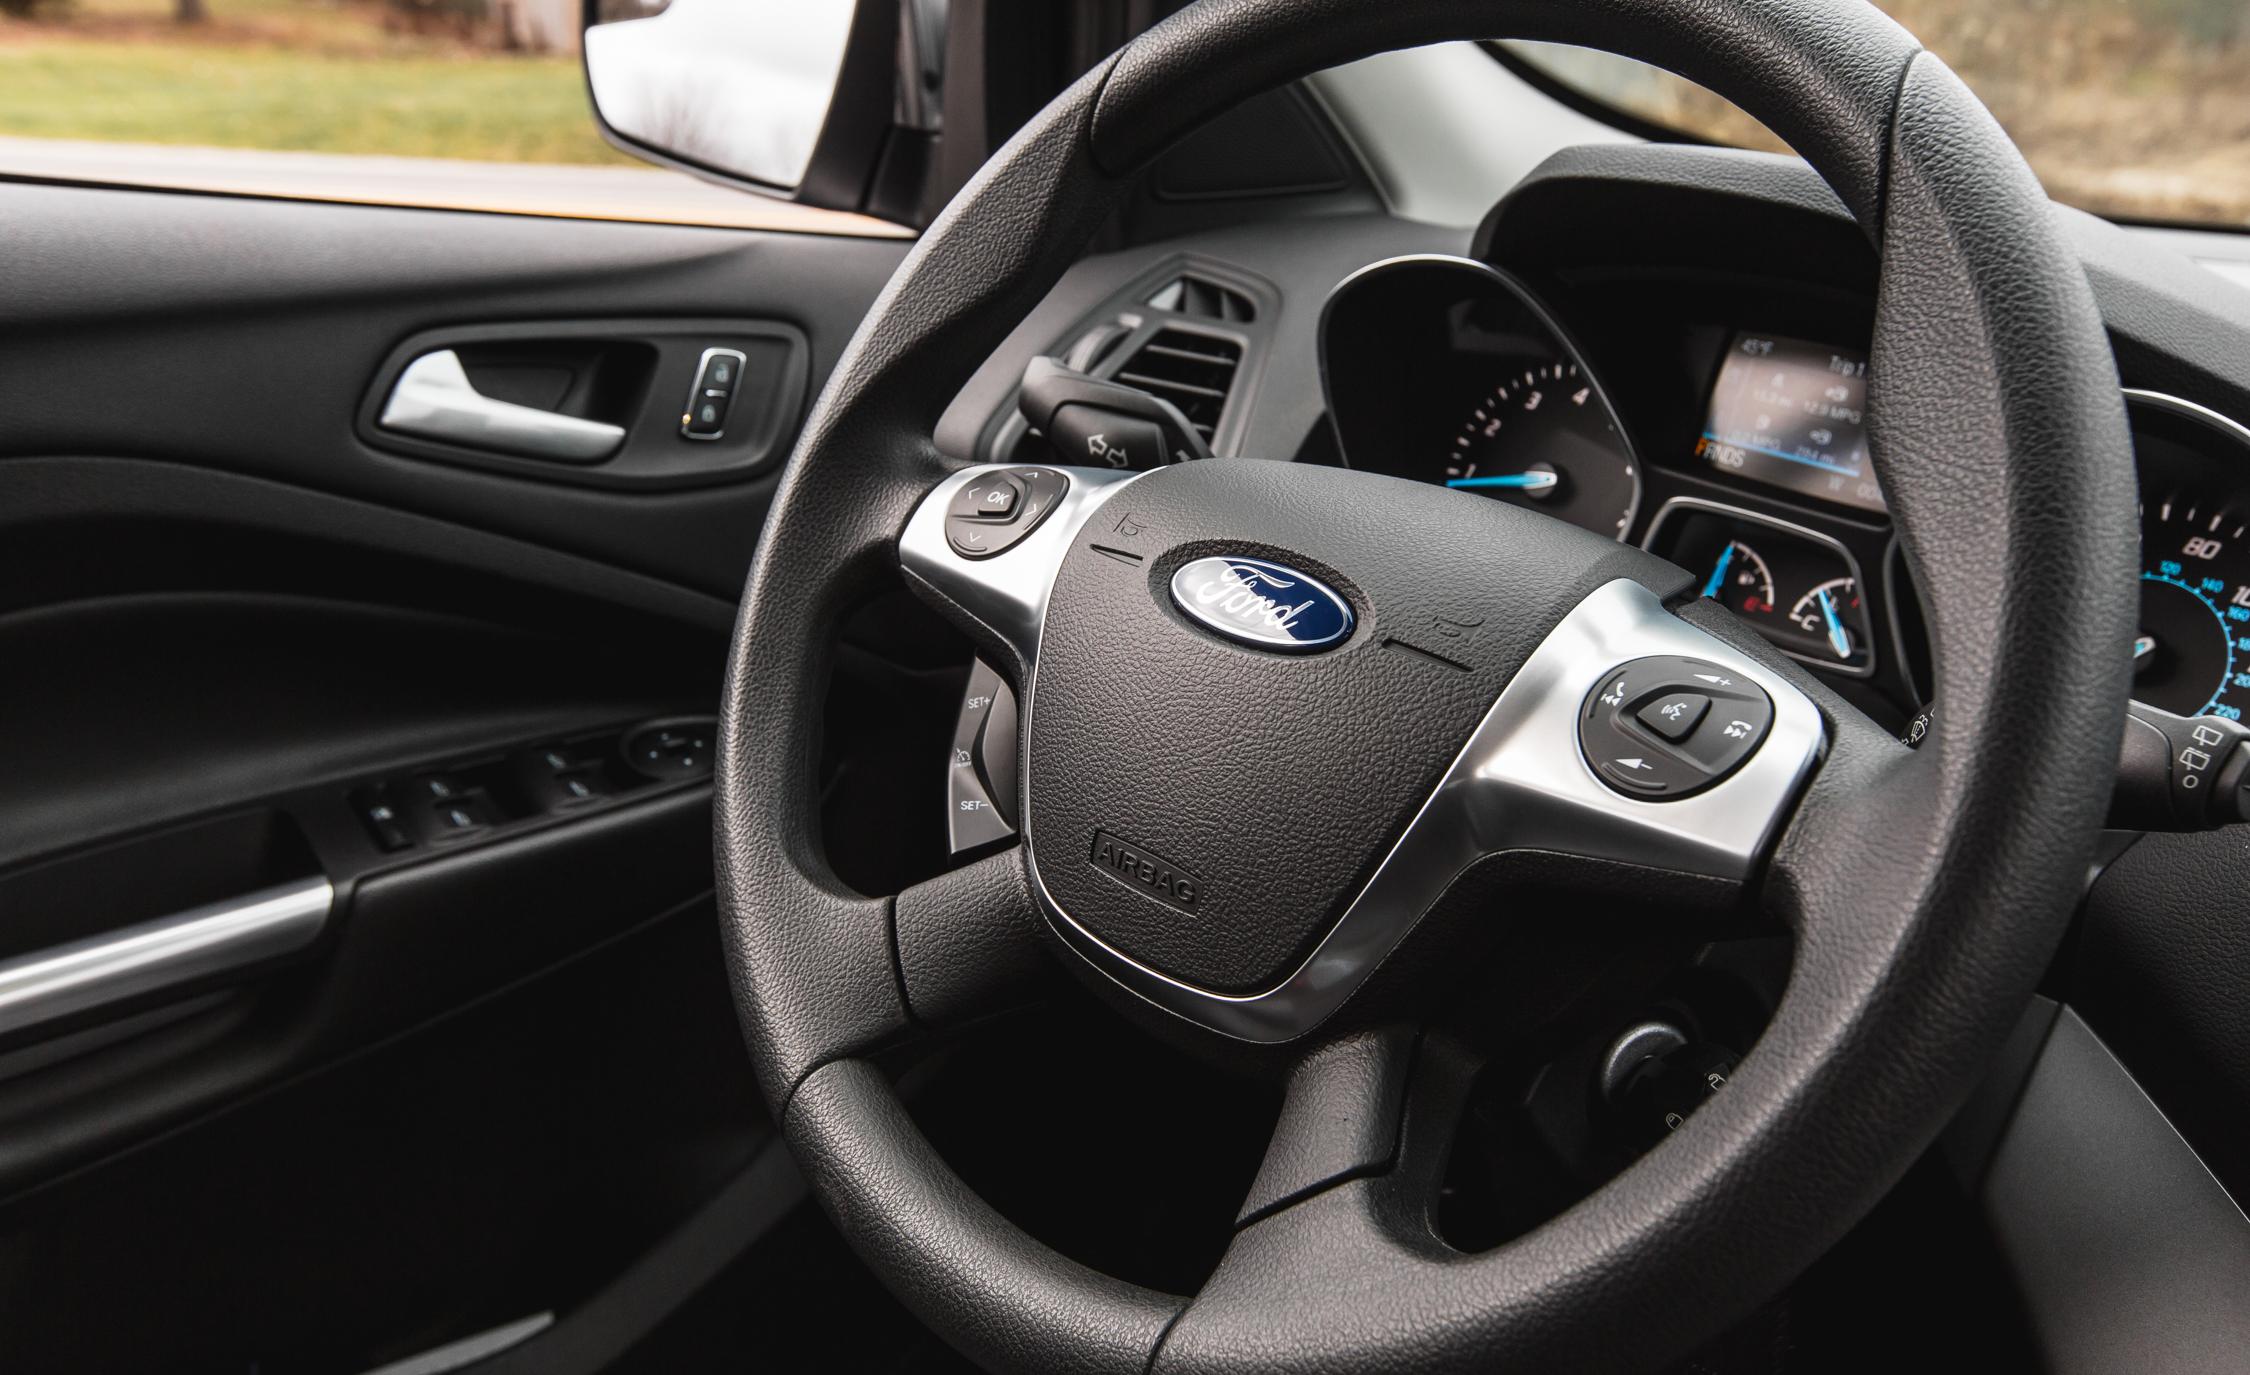 2016 Ford Escape  (Photo 7 of 23)